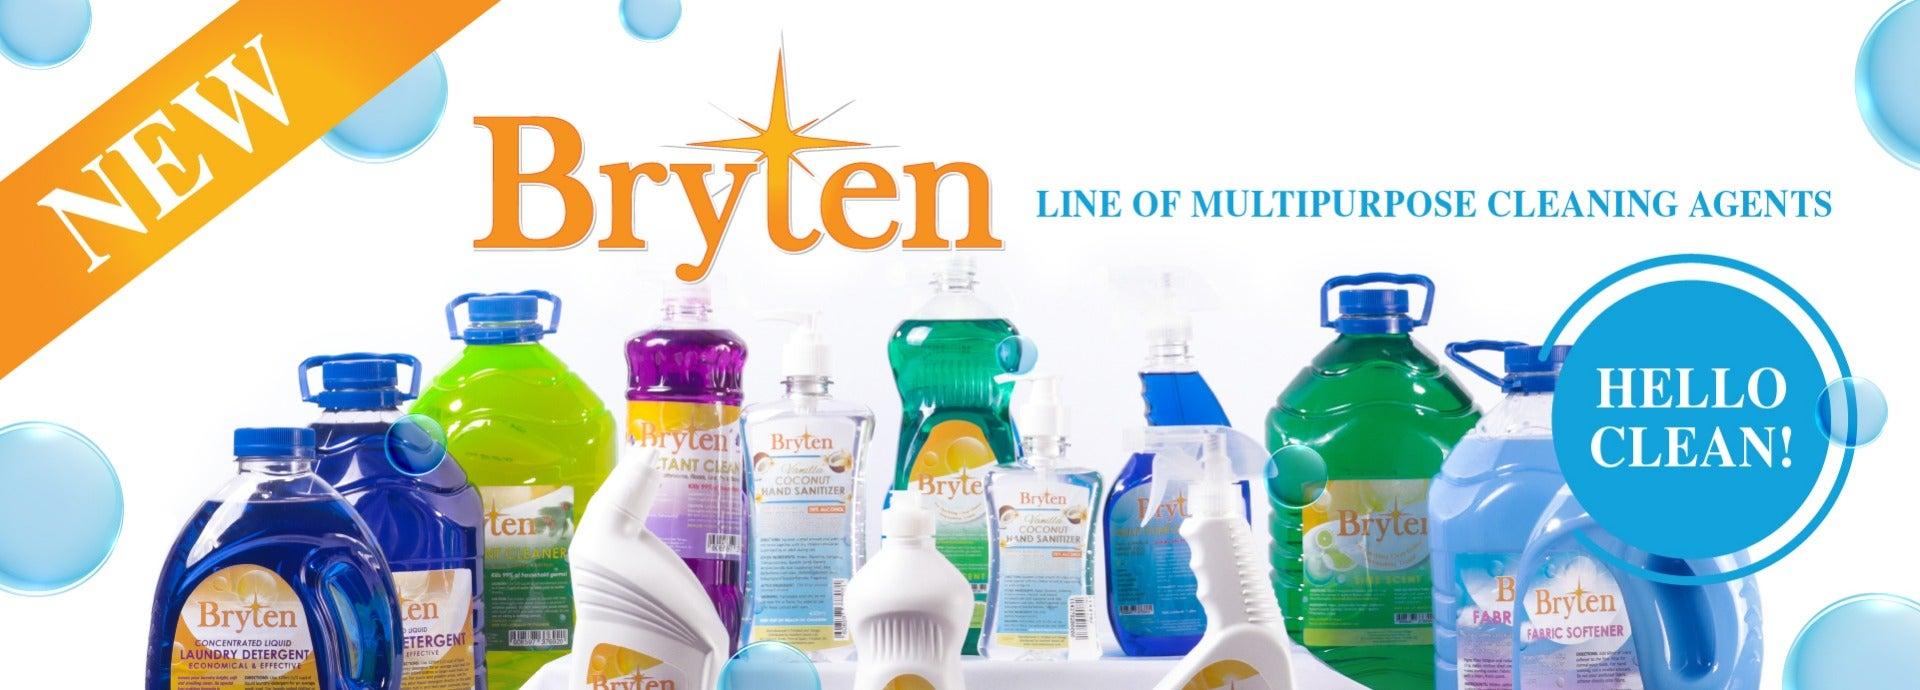 Bryten Cleaning Supplies